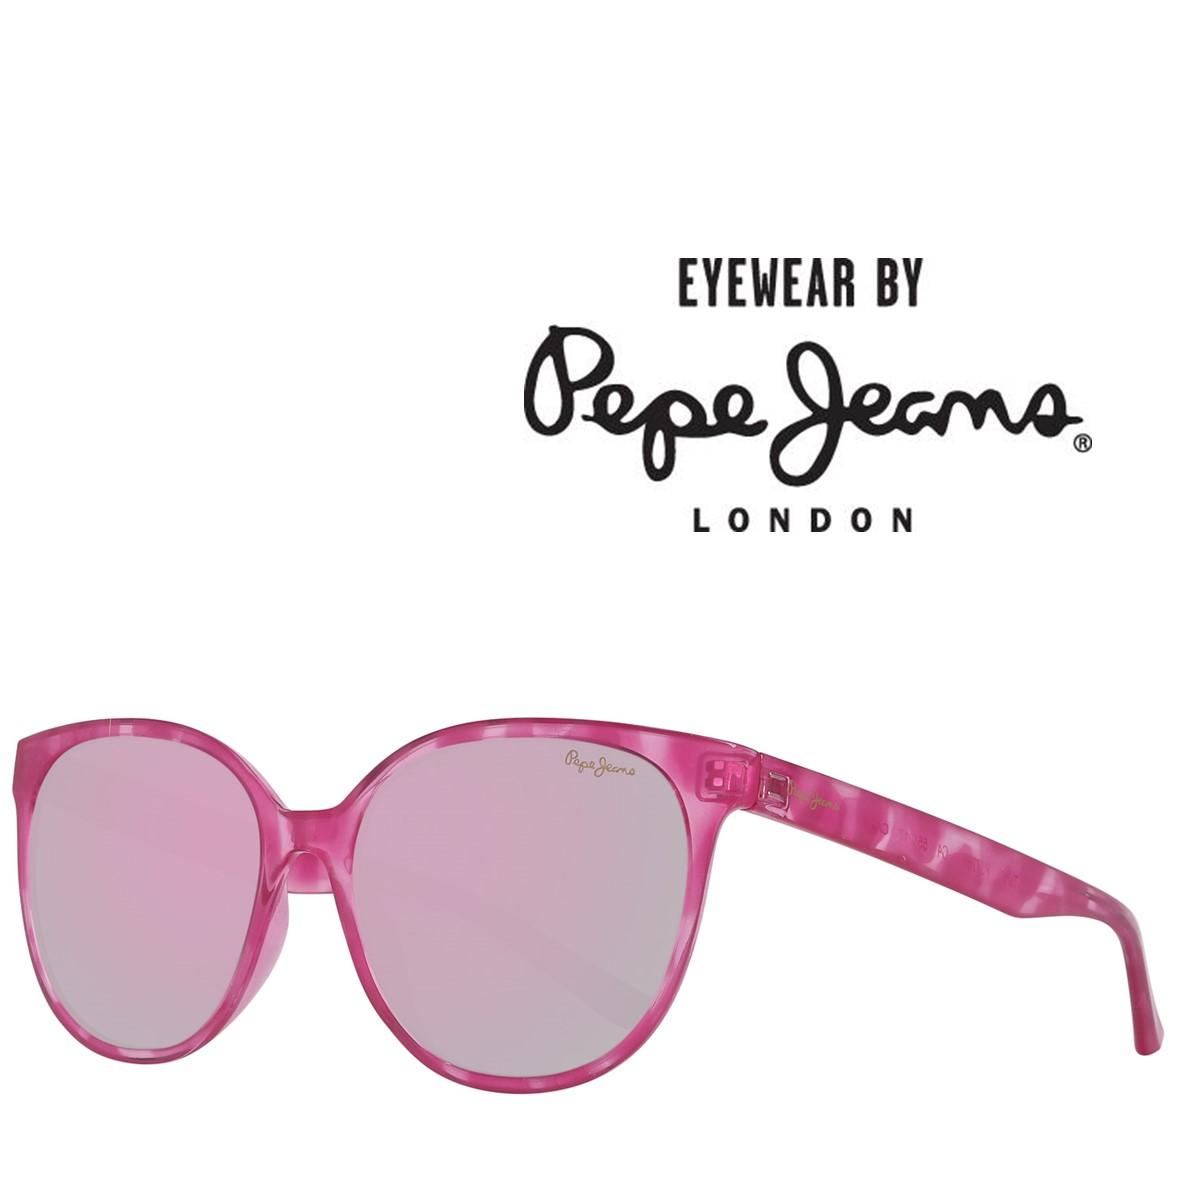 3c47e34ab Pepe Jeans® Óculos de Sol PJ7289 C4 55 - You Like It